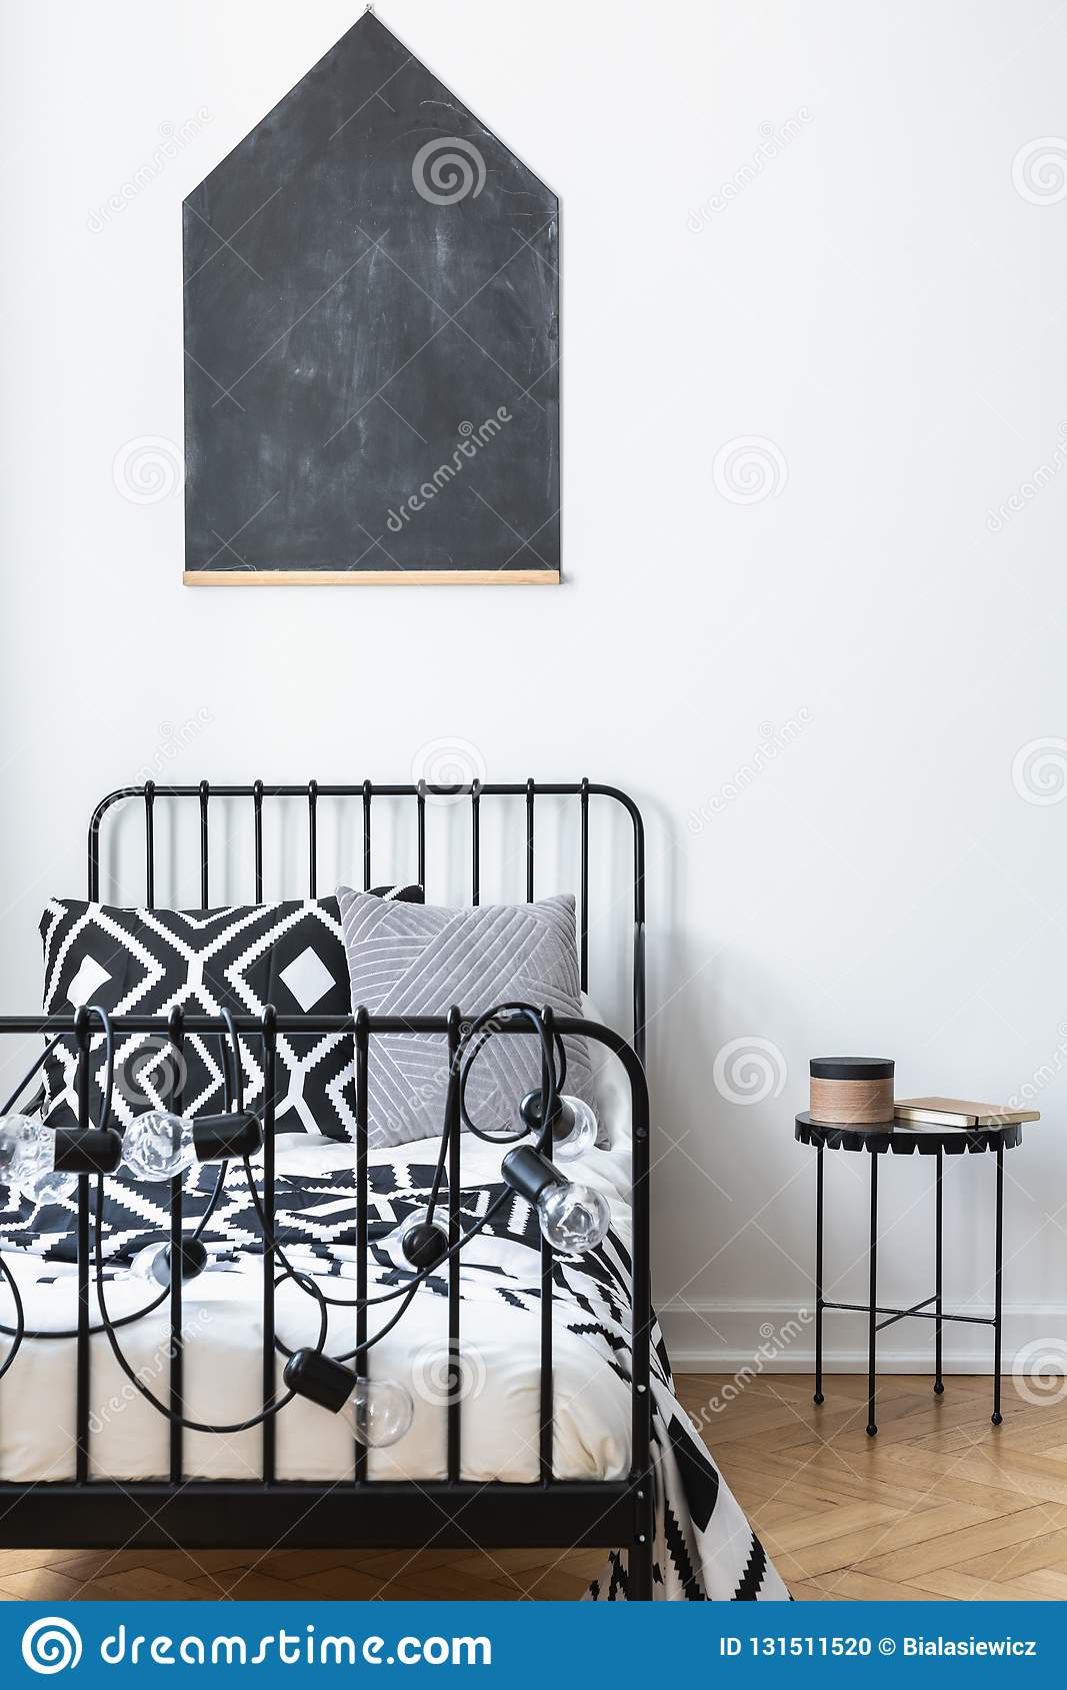 Quadro-negro na parede do quarto dos adolescentes com fundamento modelado preto e branco na única cama do metal, real